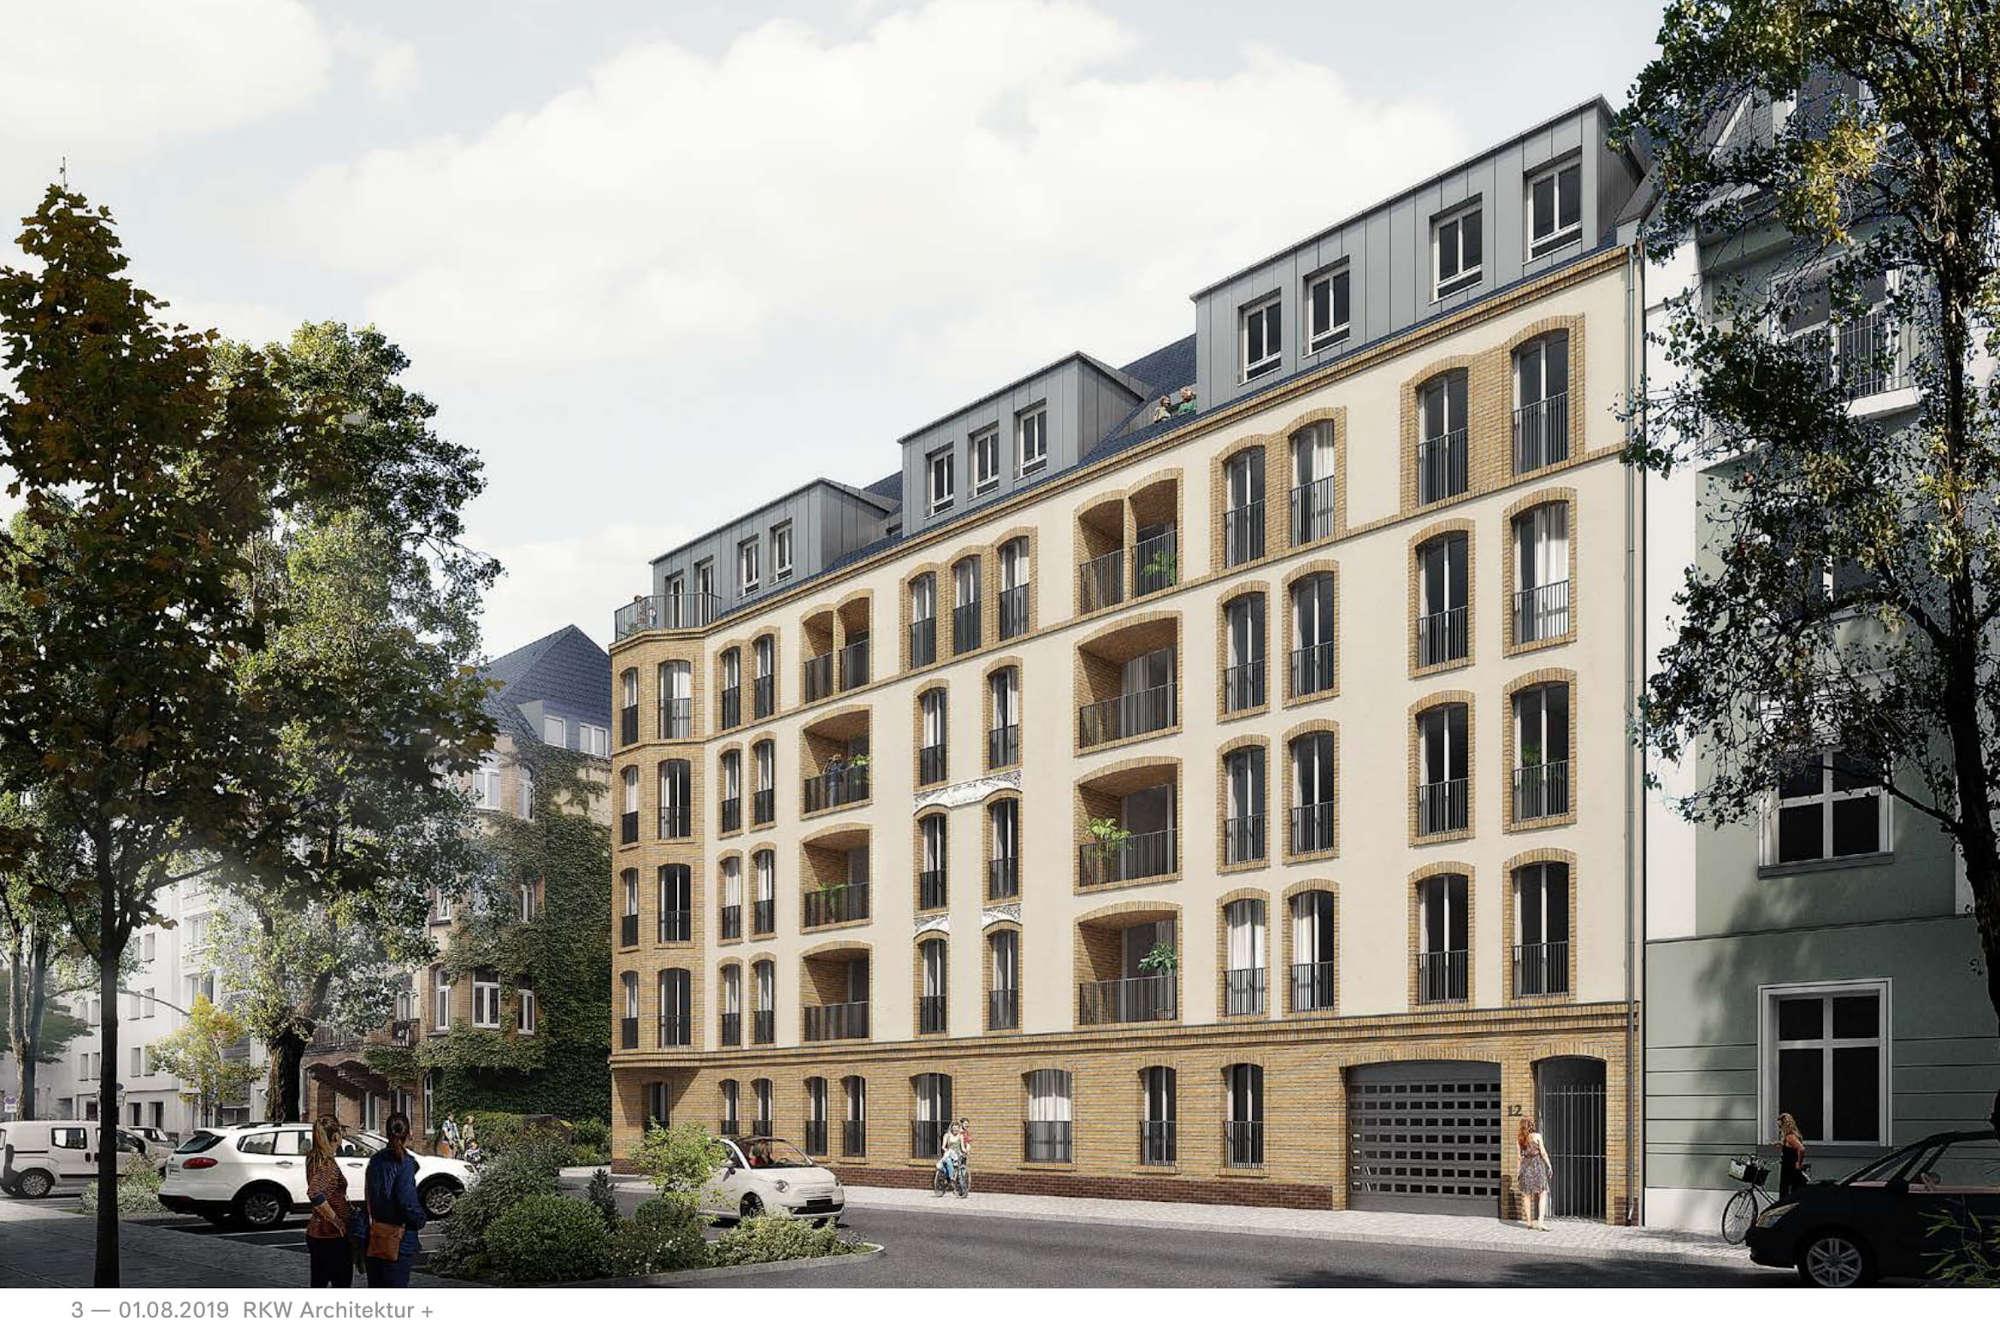 Vorläufiger Fassadenentwurf zur Bauvoranfrage Kronenstraße 10 - 12 (Foto: RKW Architektur + für Project Immobilien)